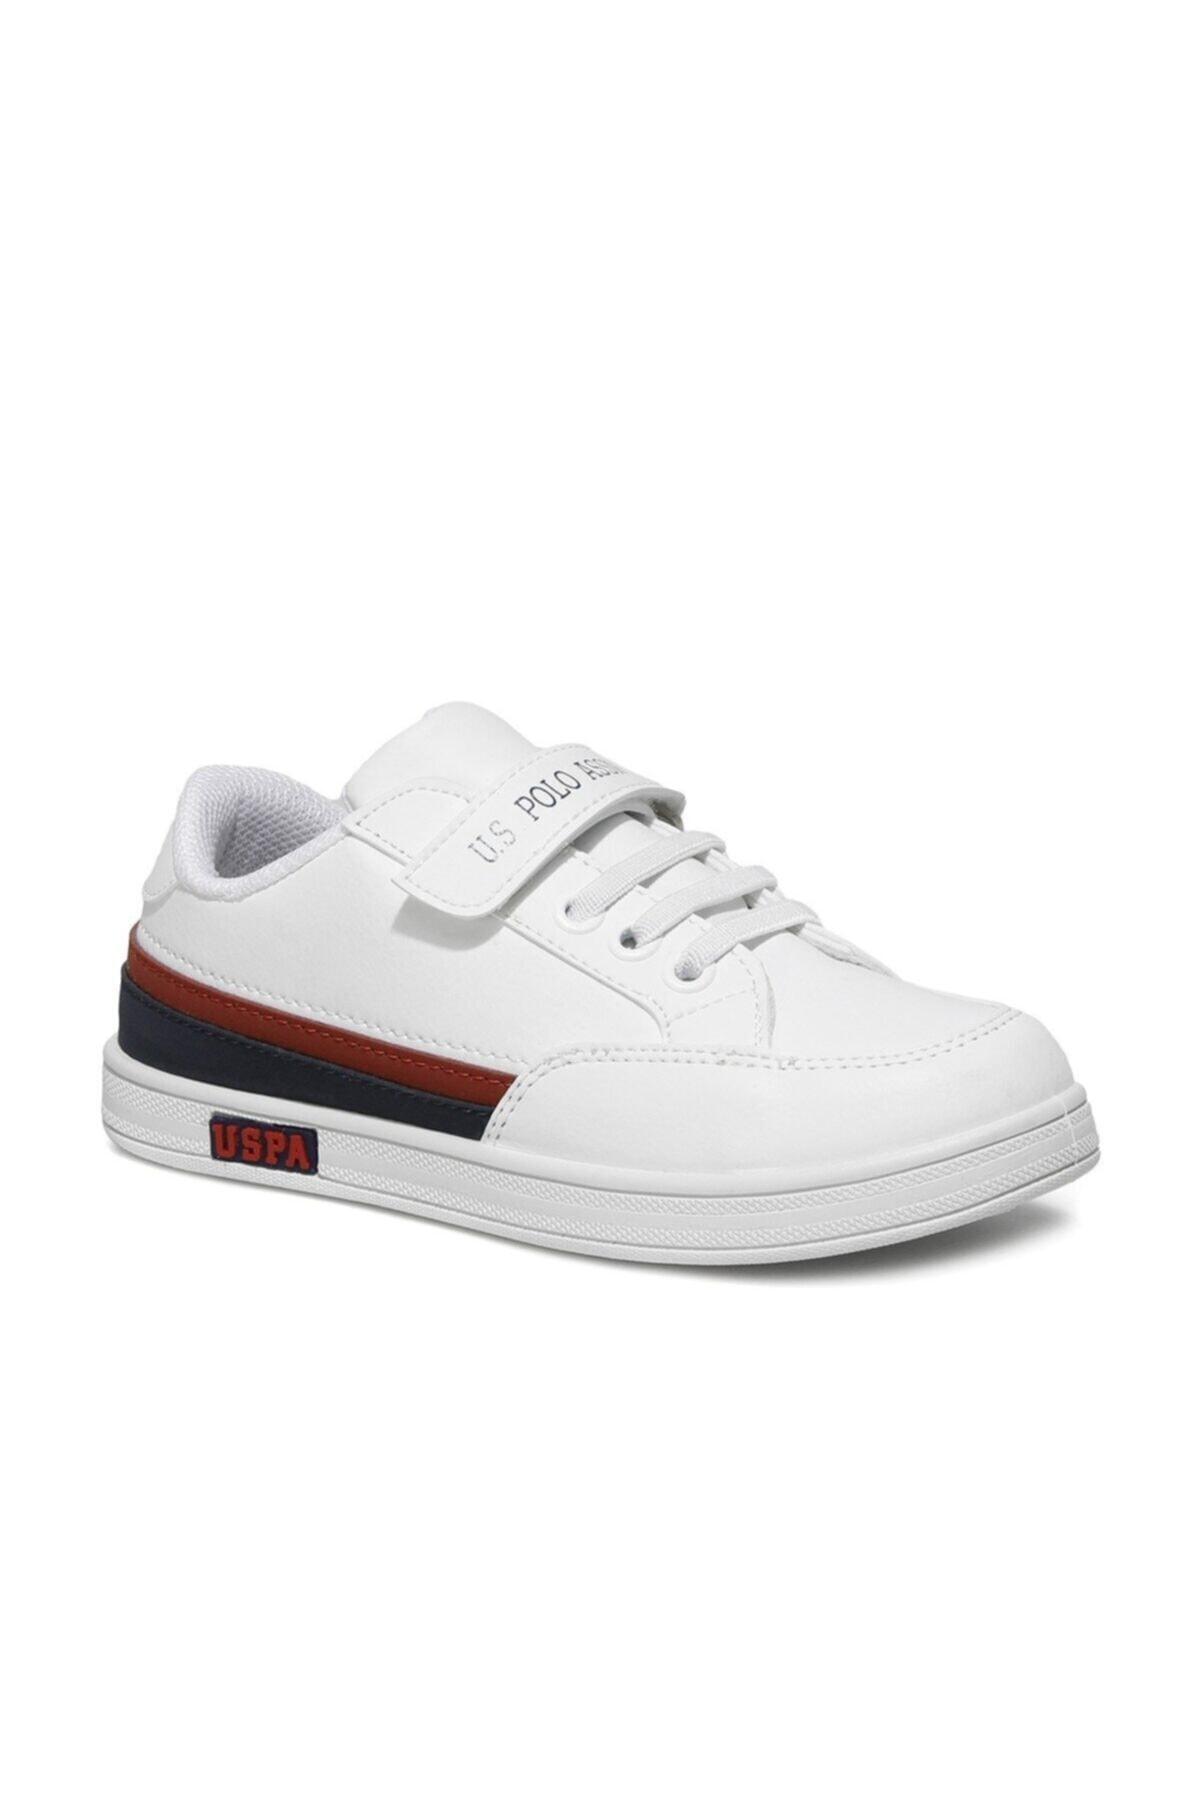 Jamal 1fx Beyaz Erkek Çocuk Sneaker Ayakkabı